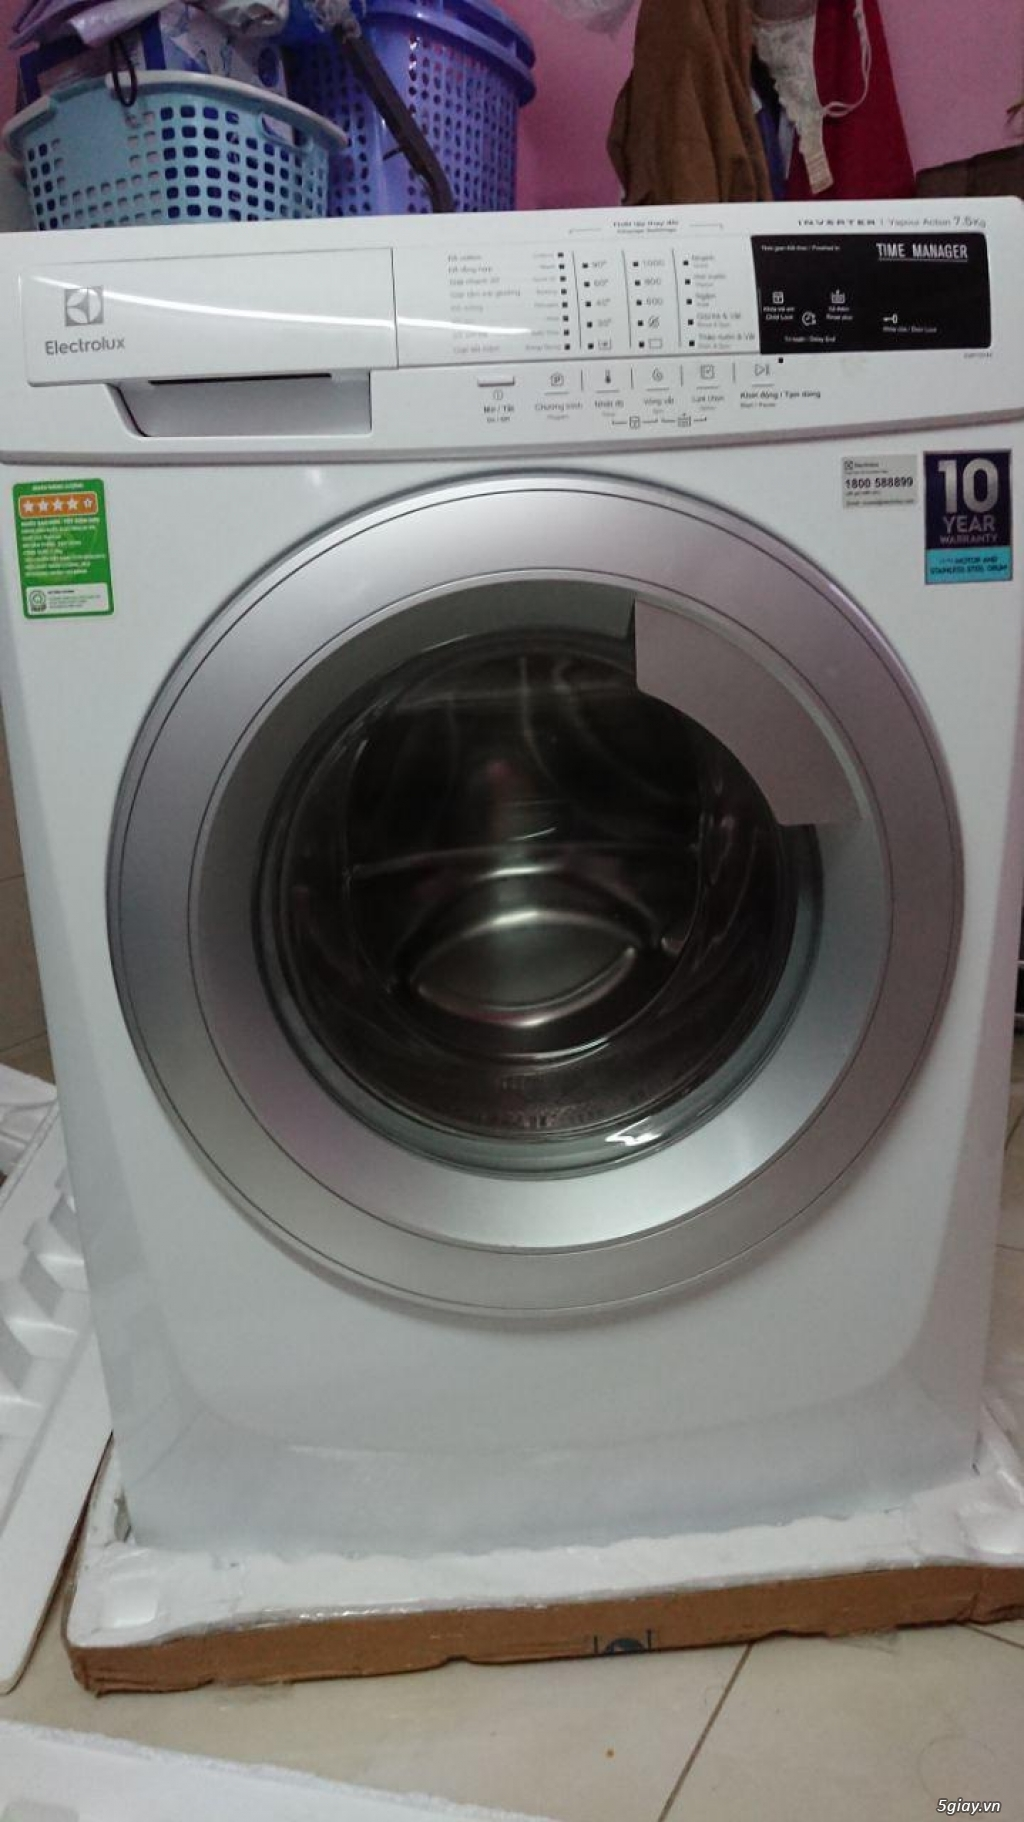 Cần bán 1 máy giặt Electrolux EWF10744 Inverter - 7,5kg mới 99.9% - 3